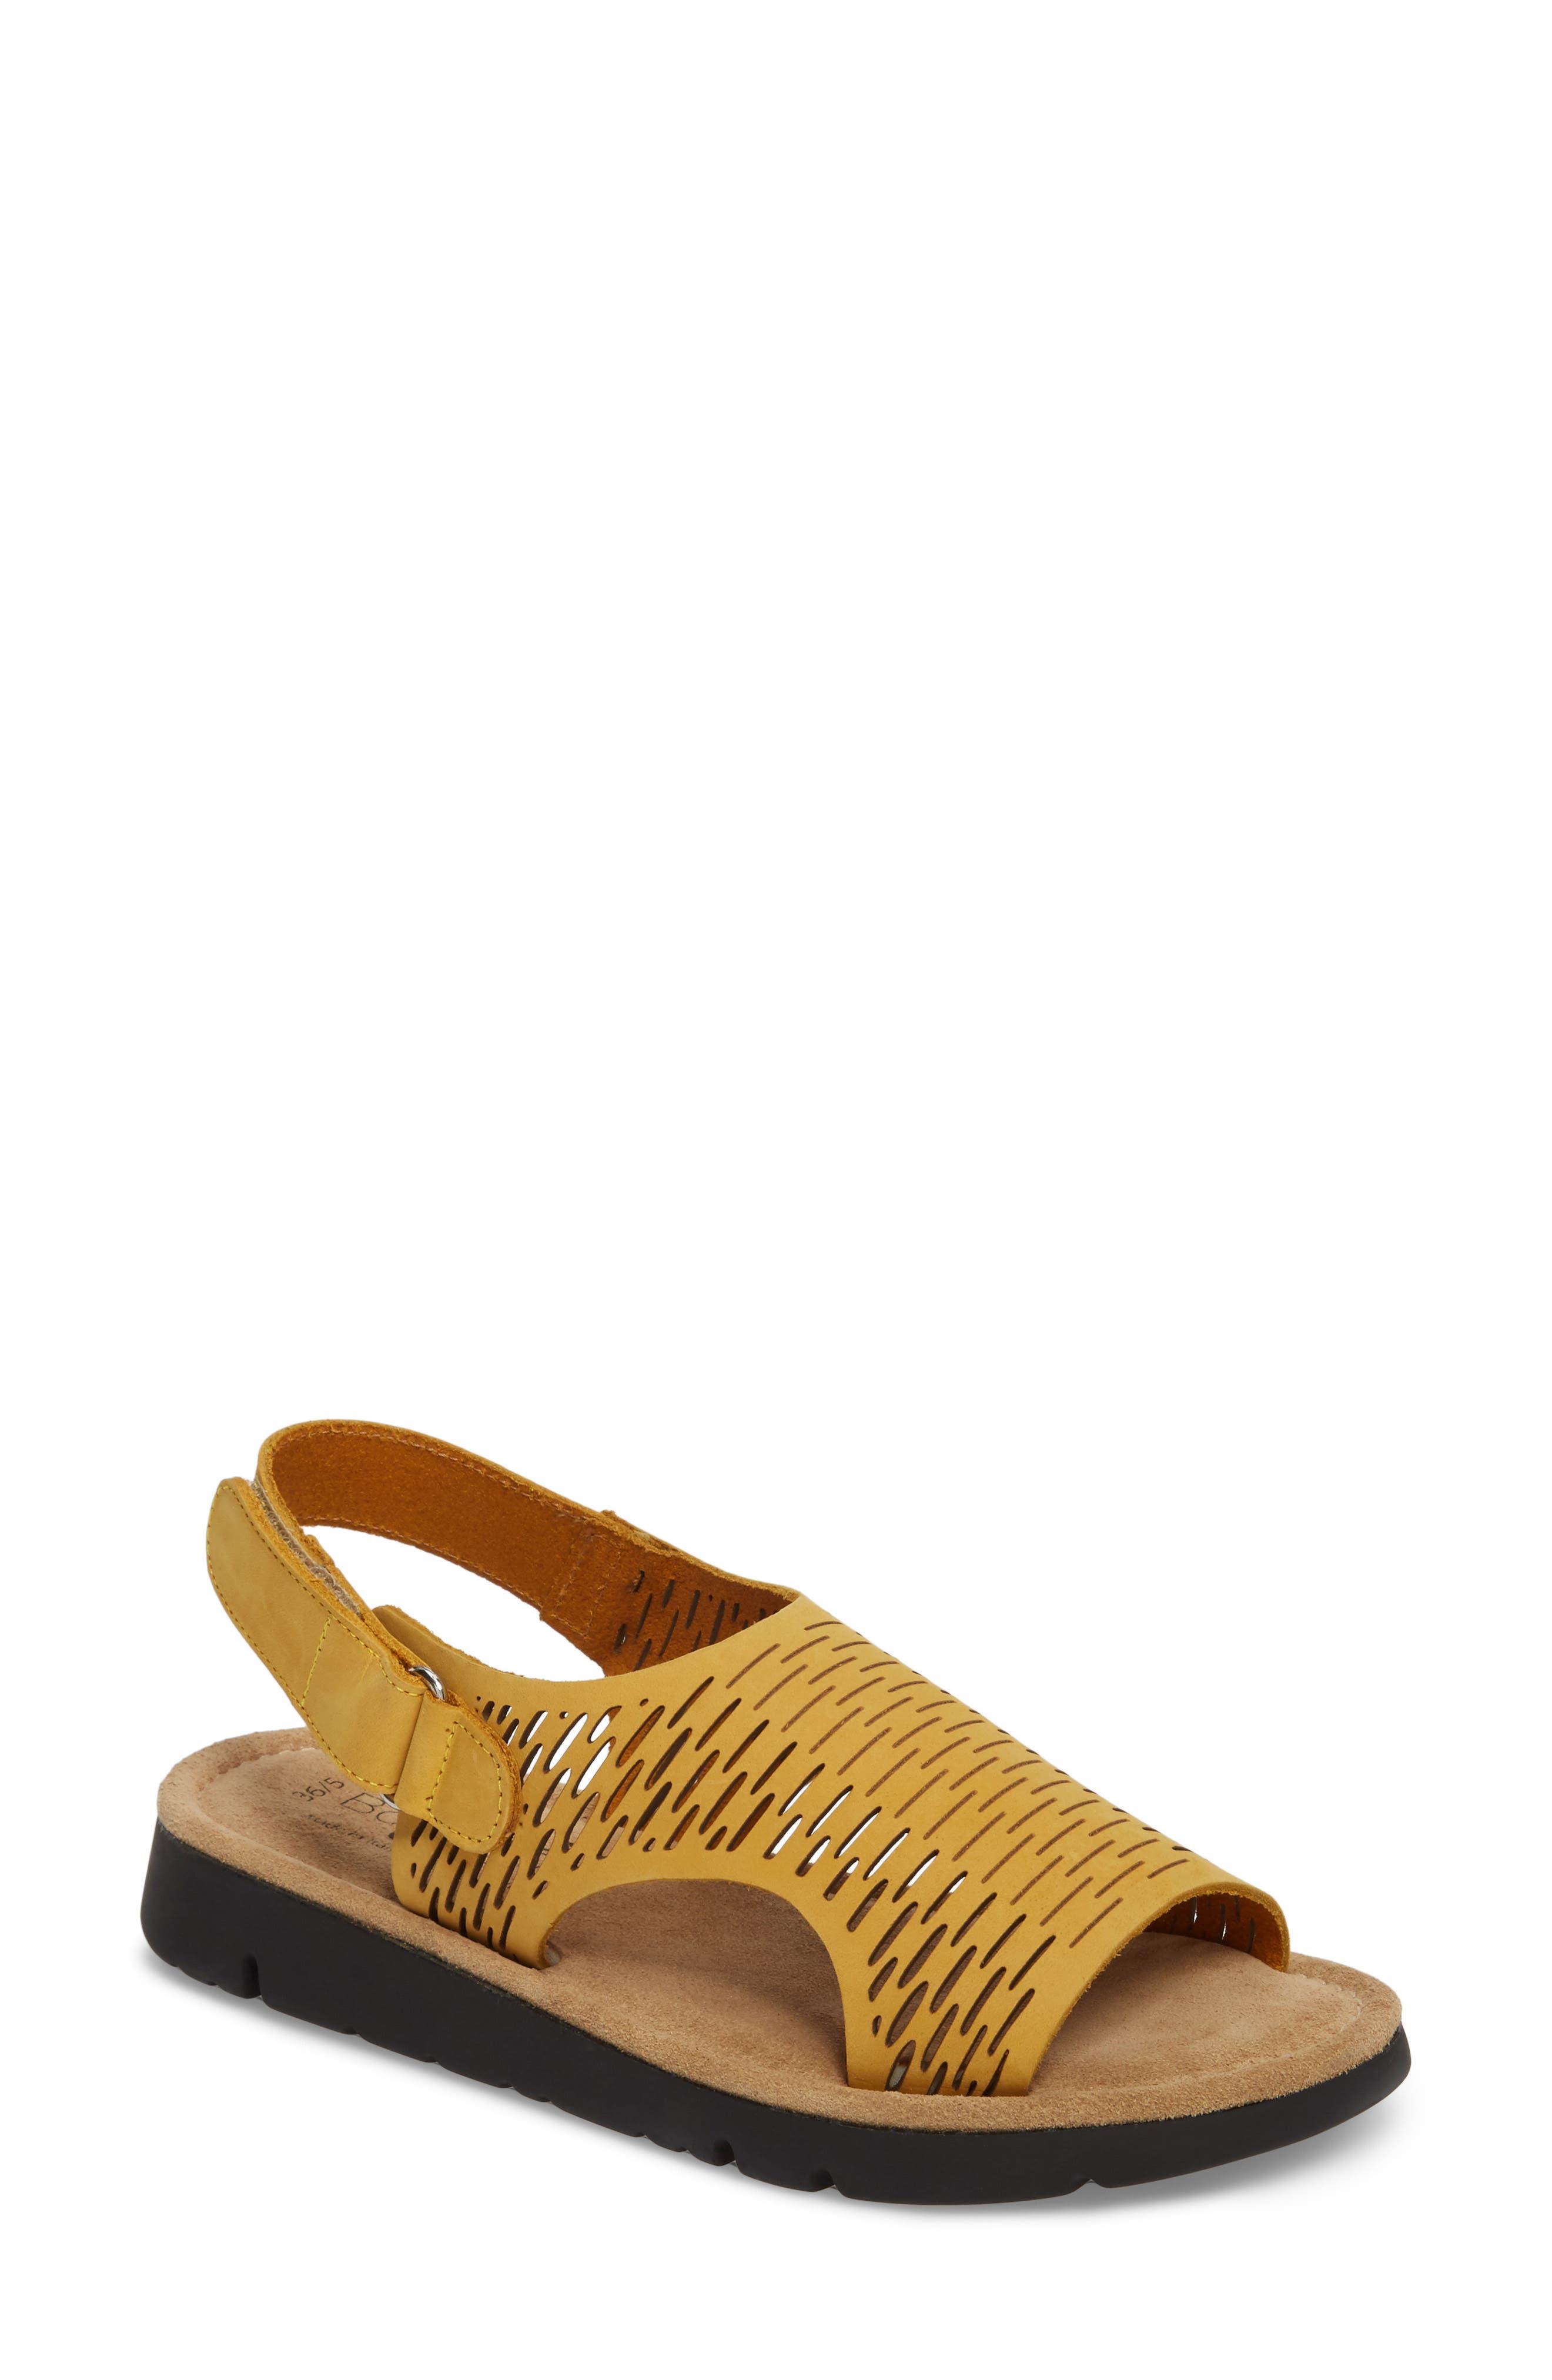 Bos. & Co. Saga Sandal, Yellow